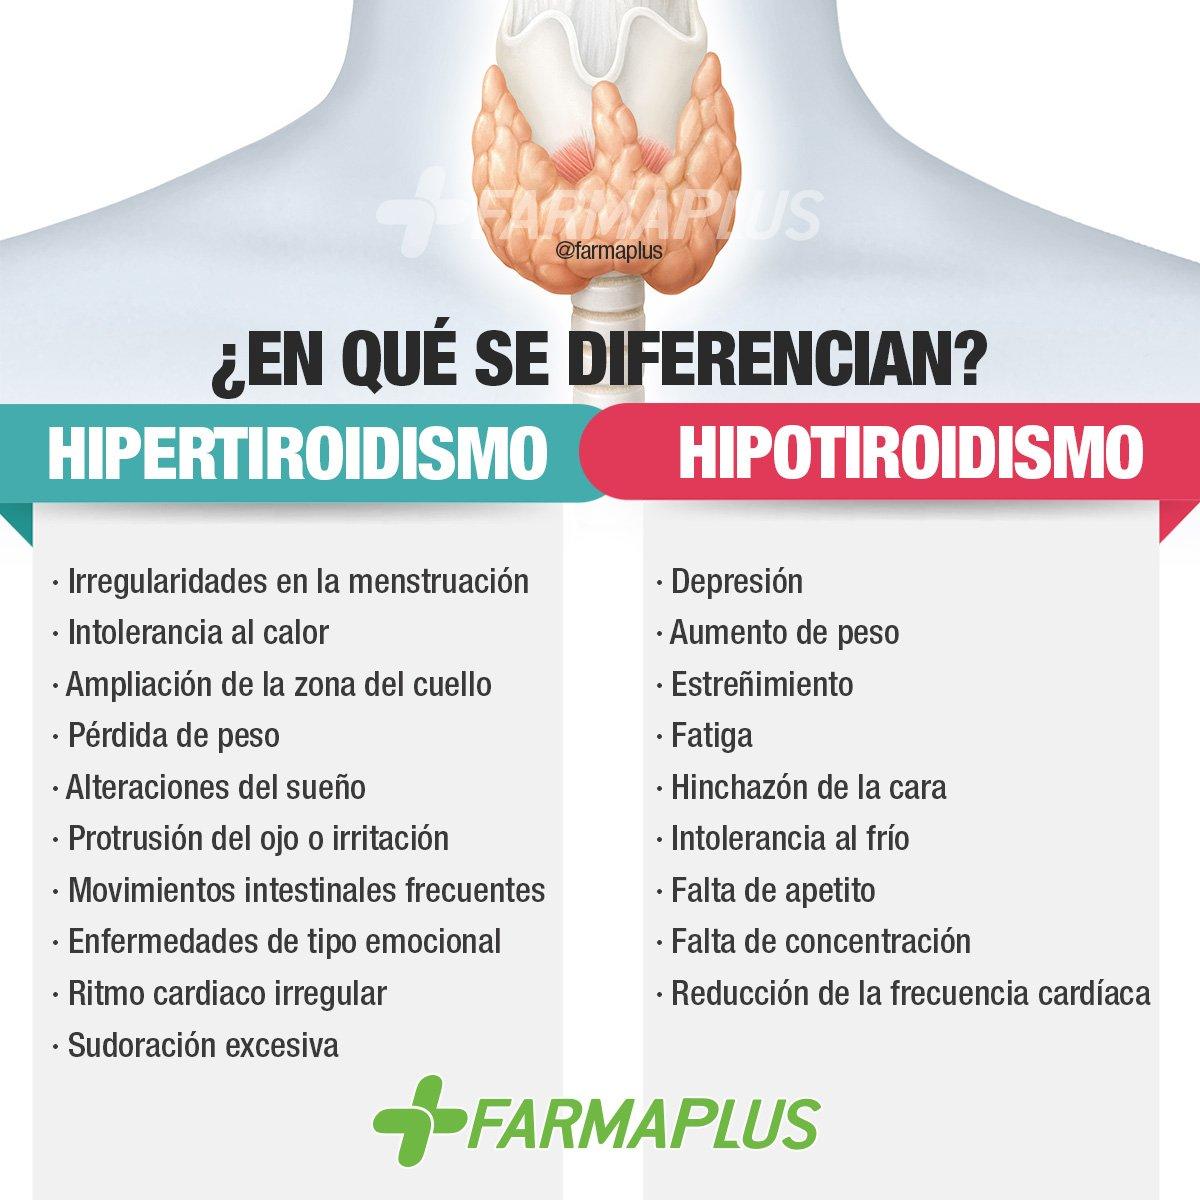 Hipertiroidismo diferenca e hipotiroidismo